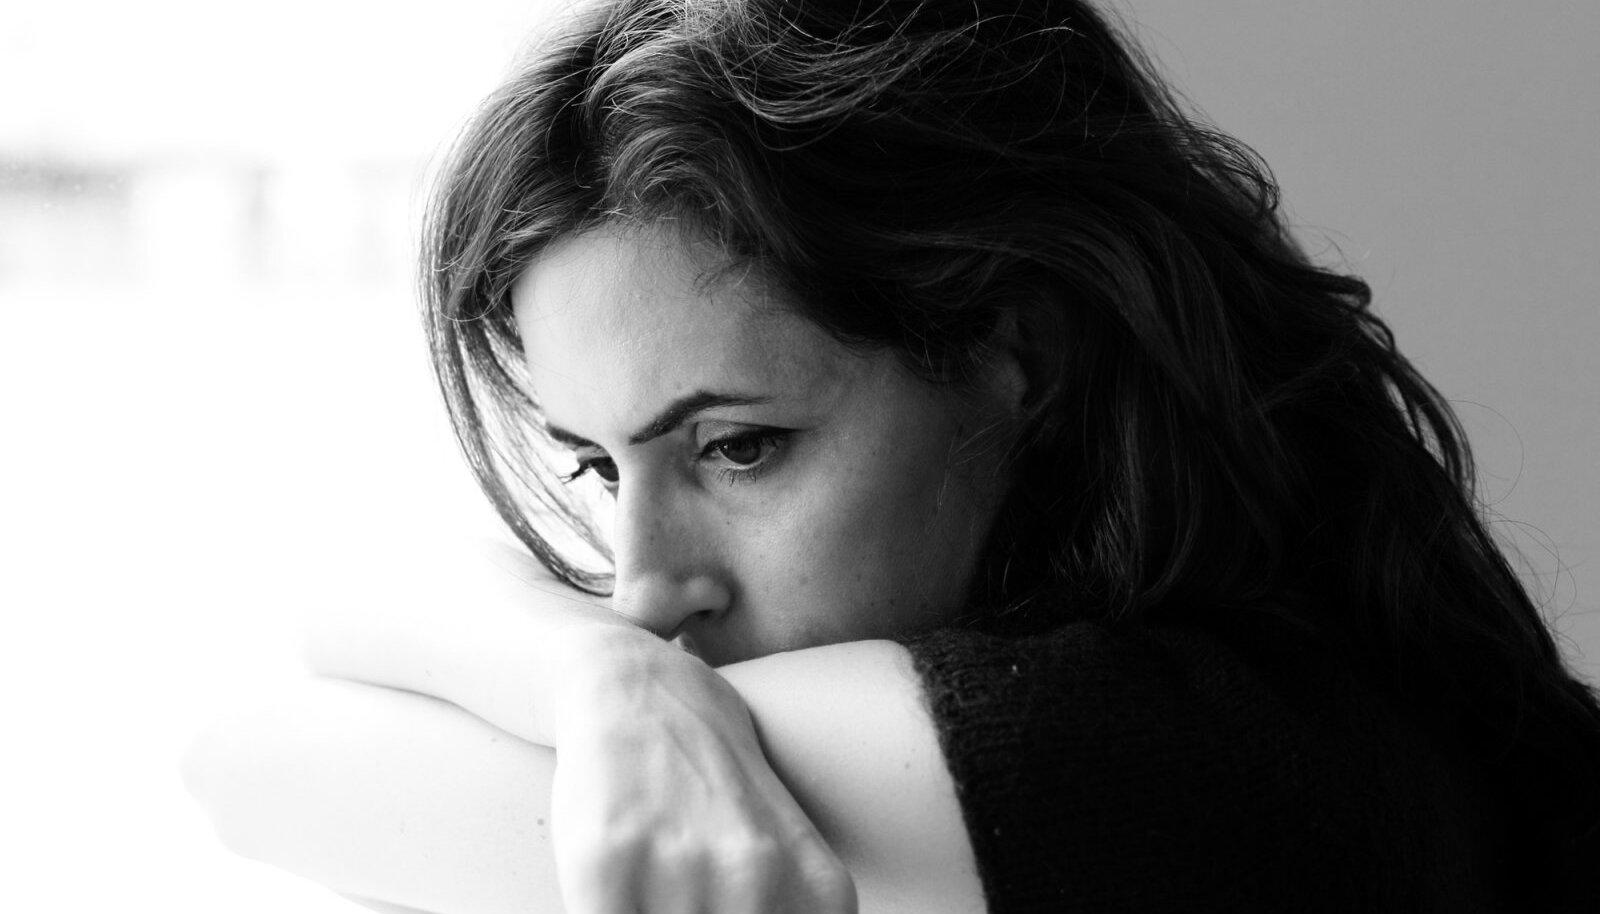 Leia depressioonile ja ärevushäiretele leevendust läbi õige toitumise